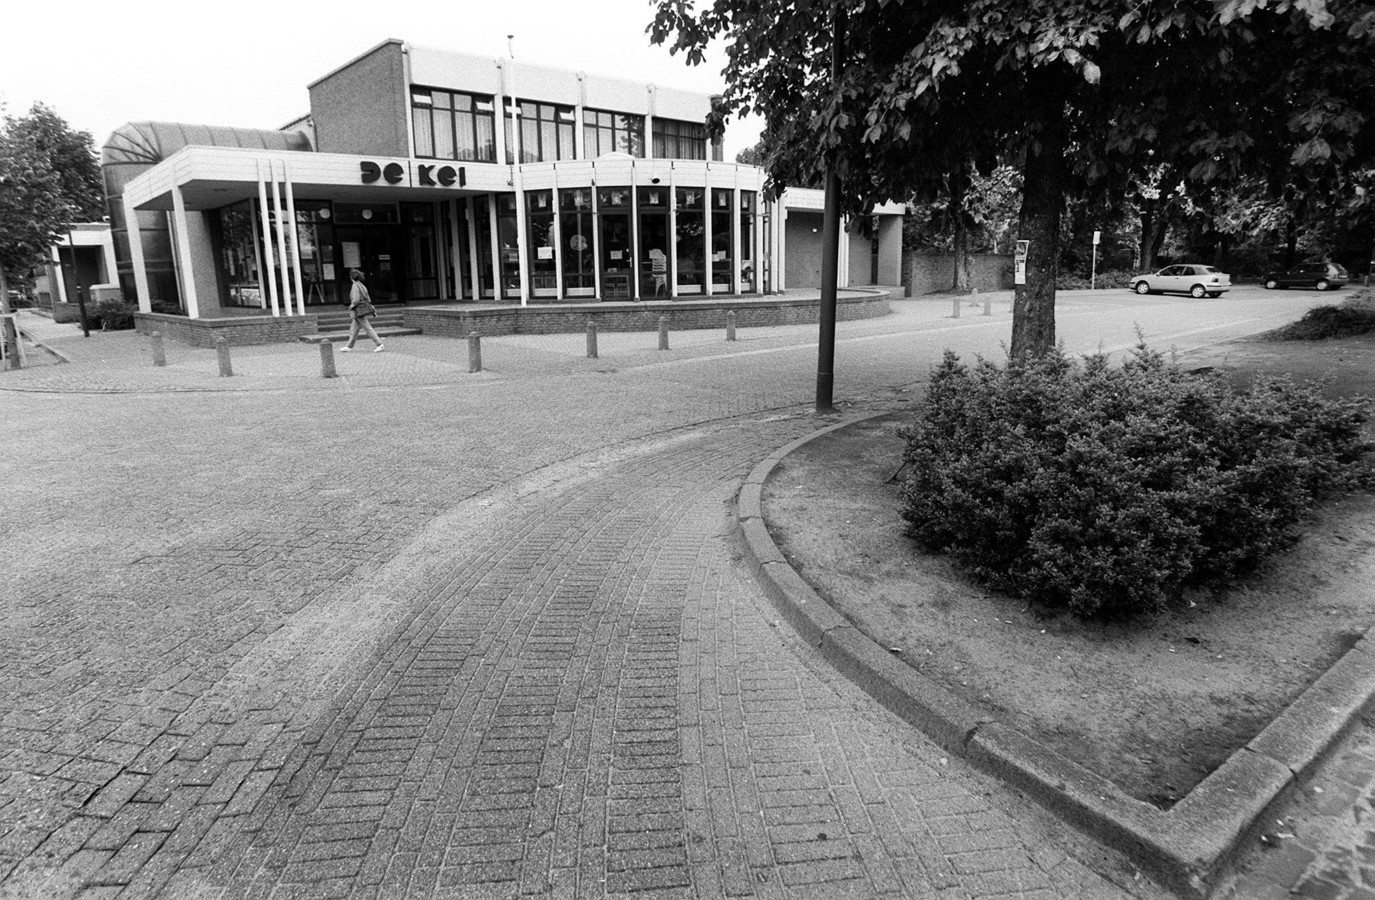 Cultureel centrum De Kei in Reusel, hier op archiefbeeld, is de beste locatie voor een nieuwe mfa (multifunctionele accommodatie), als het aan het college van B en W van Reusel-De Mierden ligt.